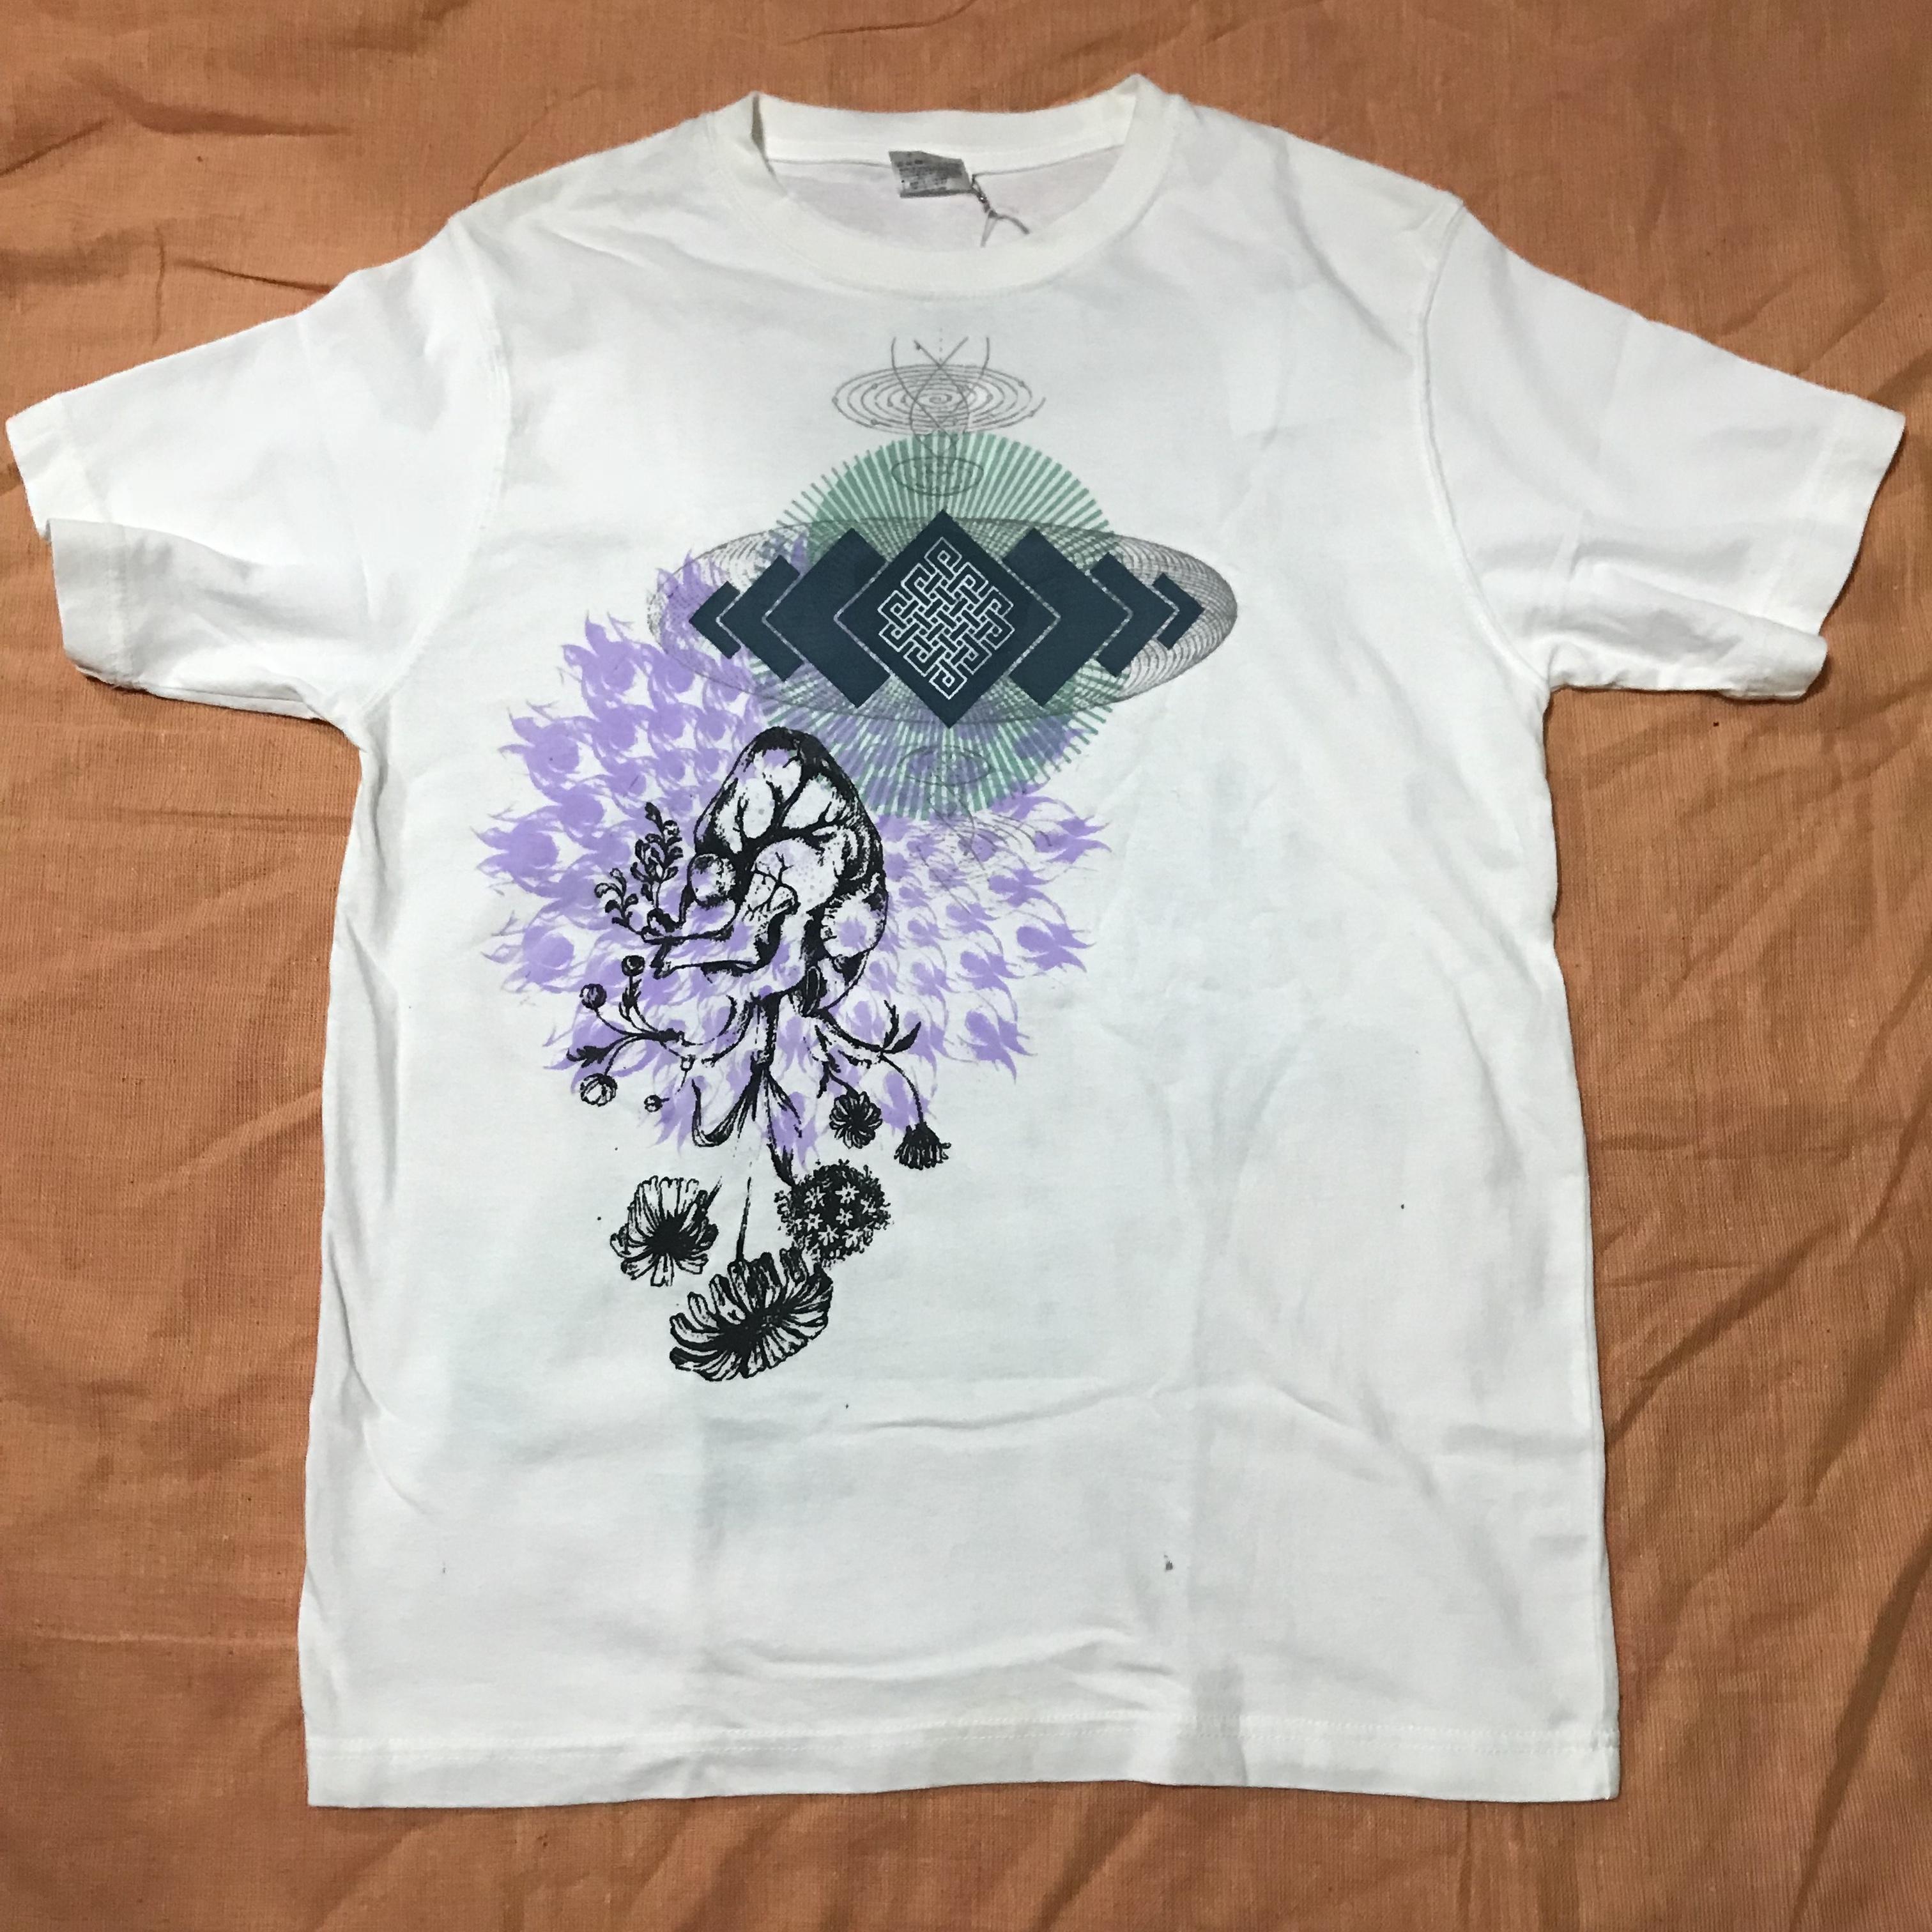 ノスタルジア【INKADDICTION】 Tシャツ